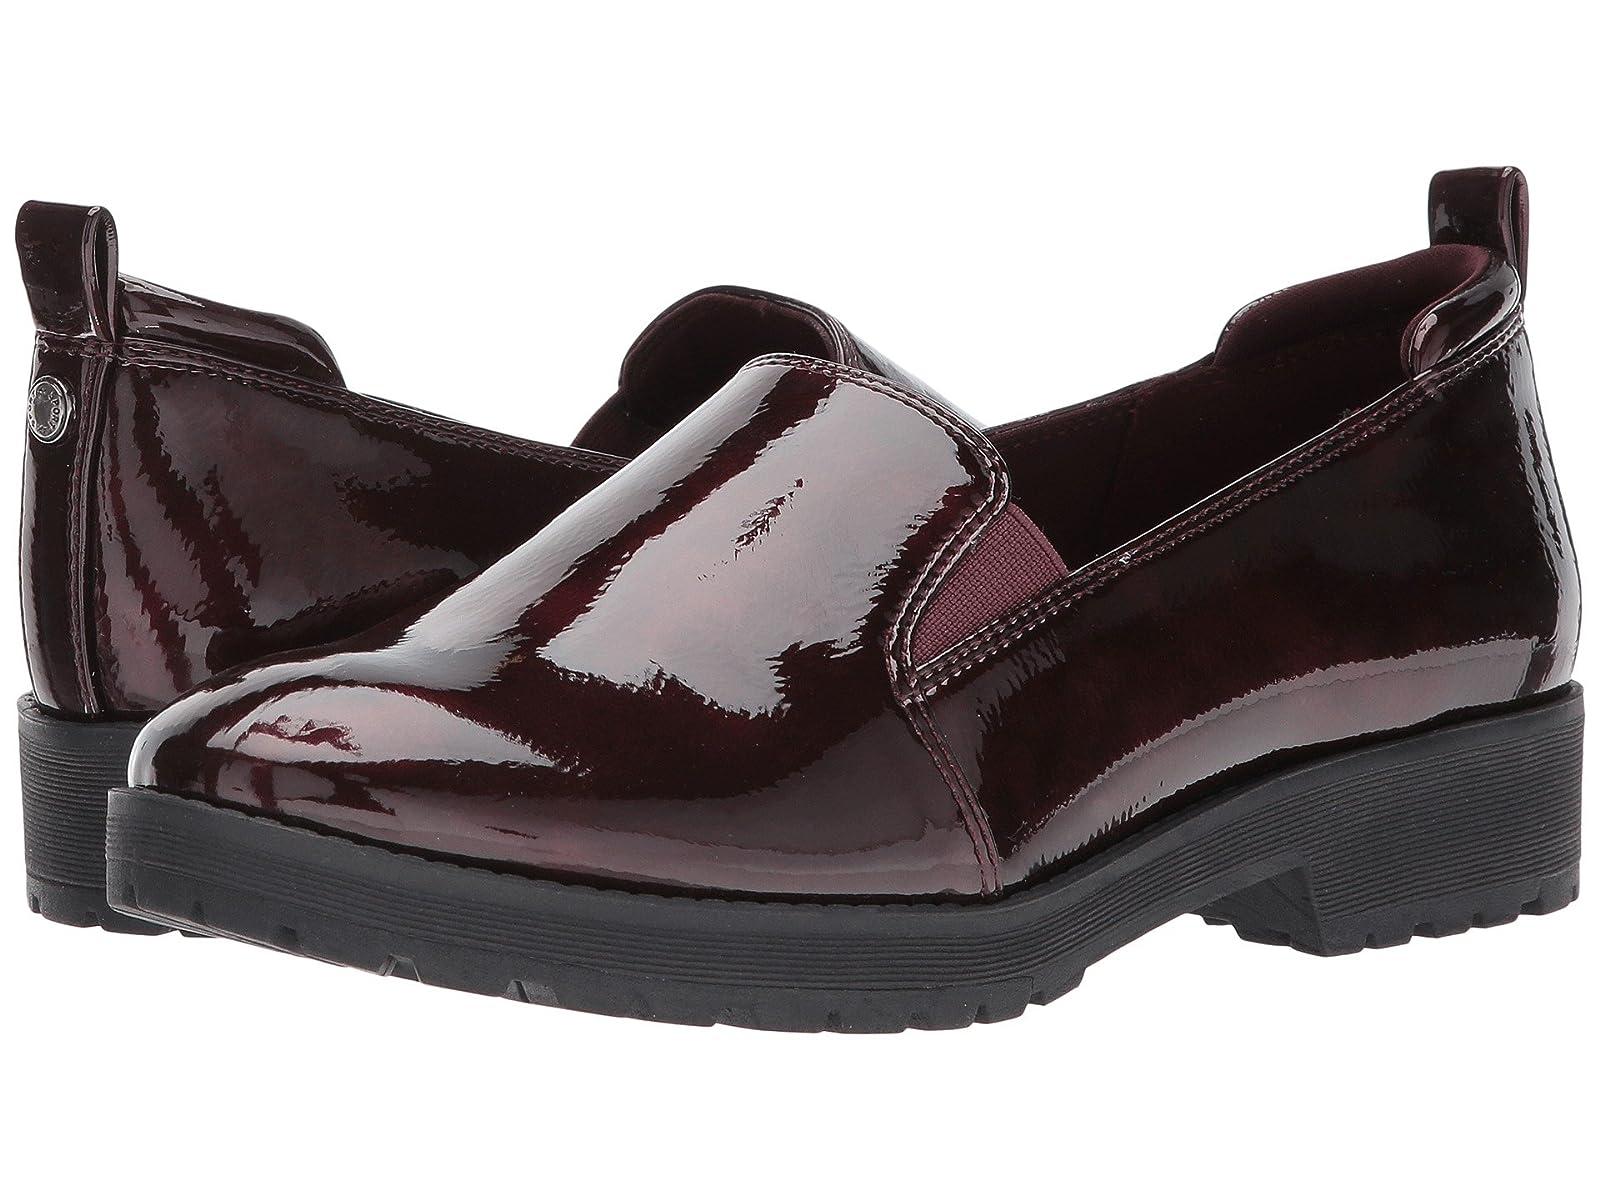 Anne Klein BelieverCheap and distinctive eye-catching shoes